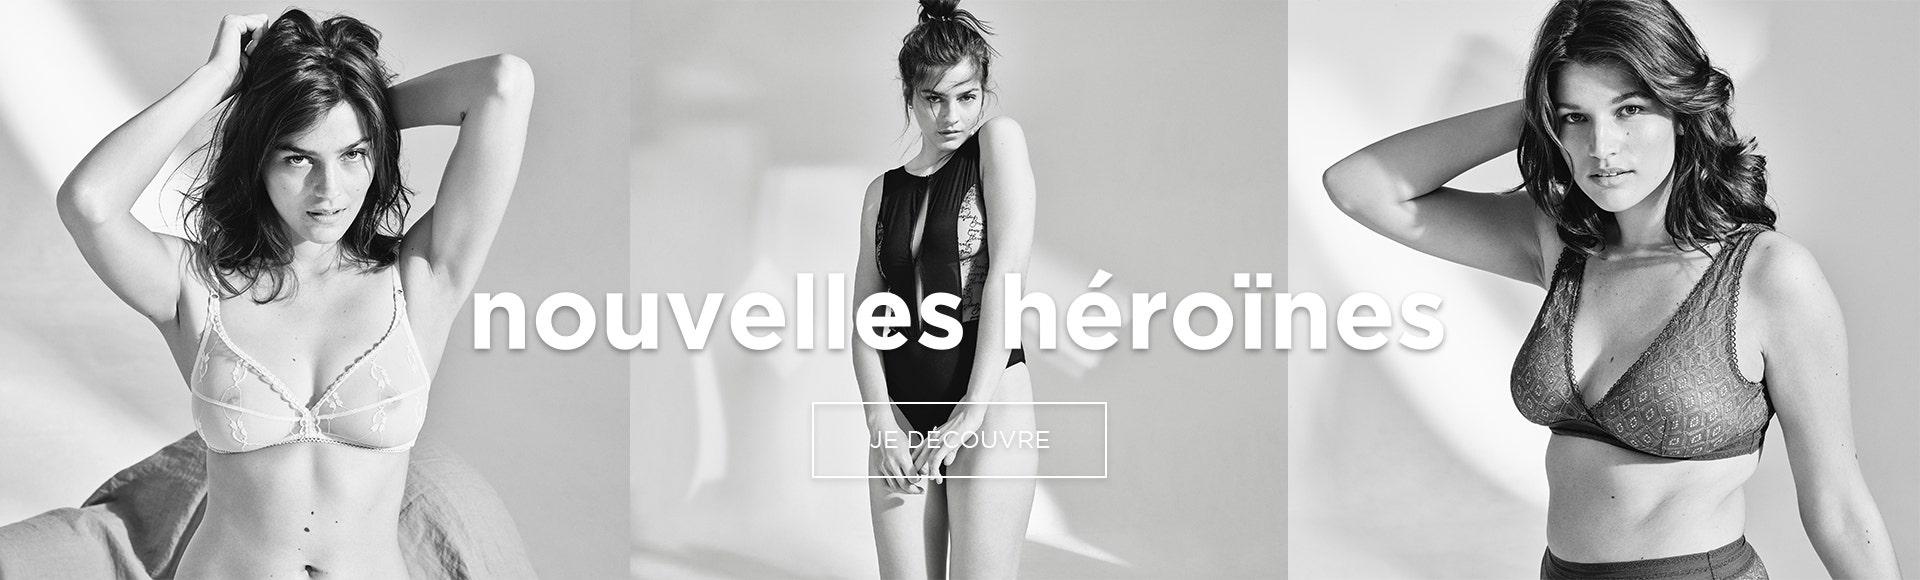 nouvelles héroïnes